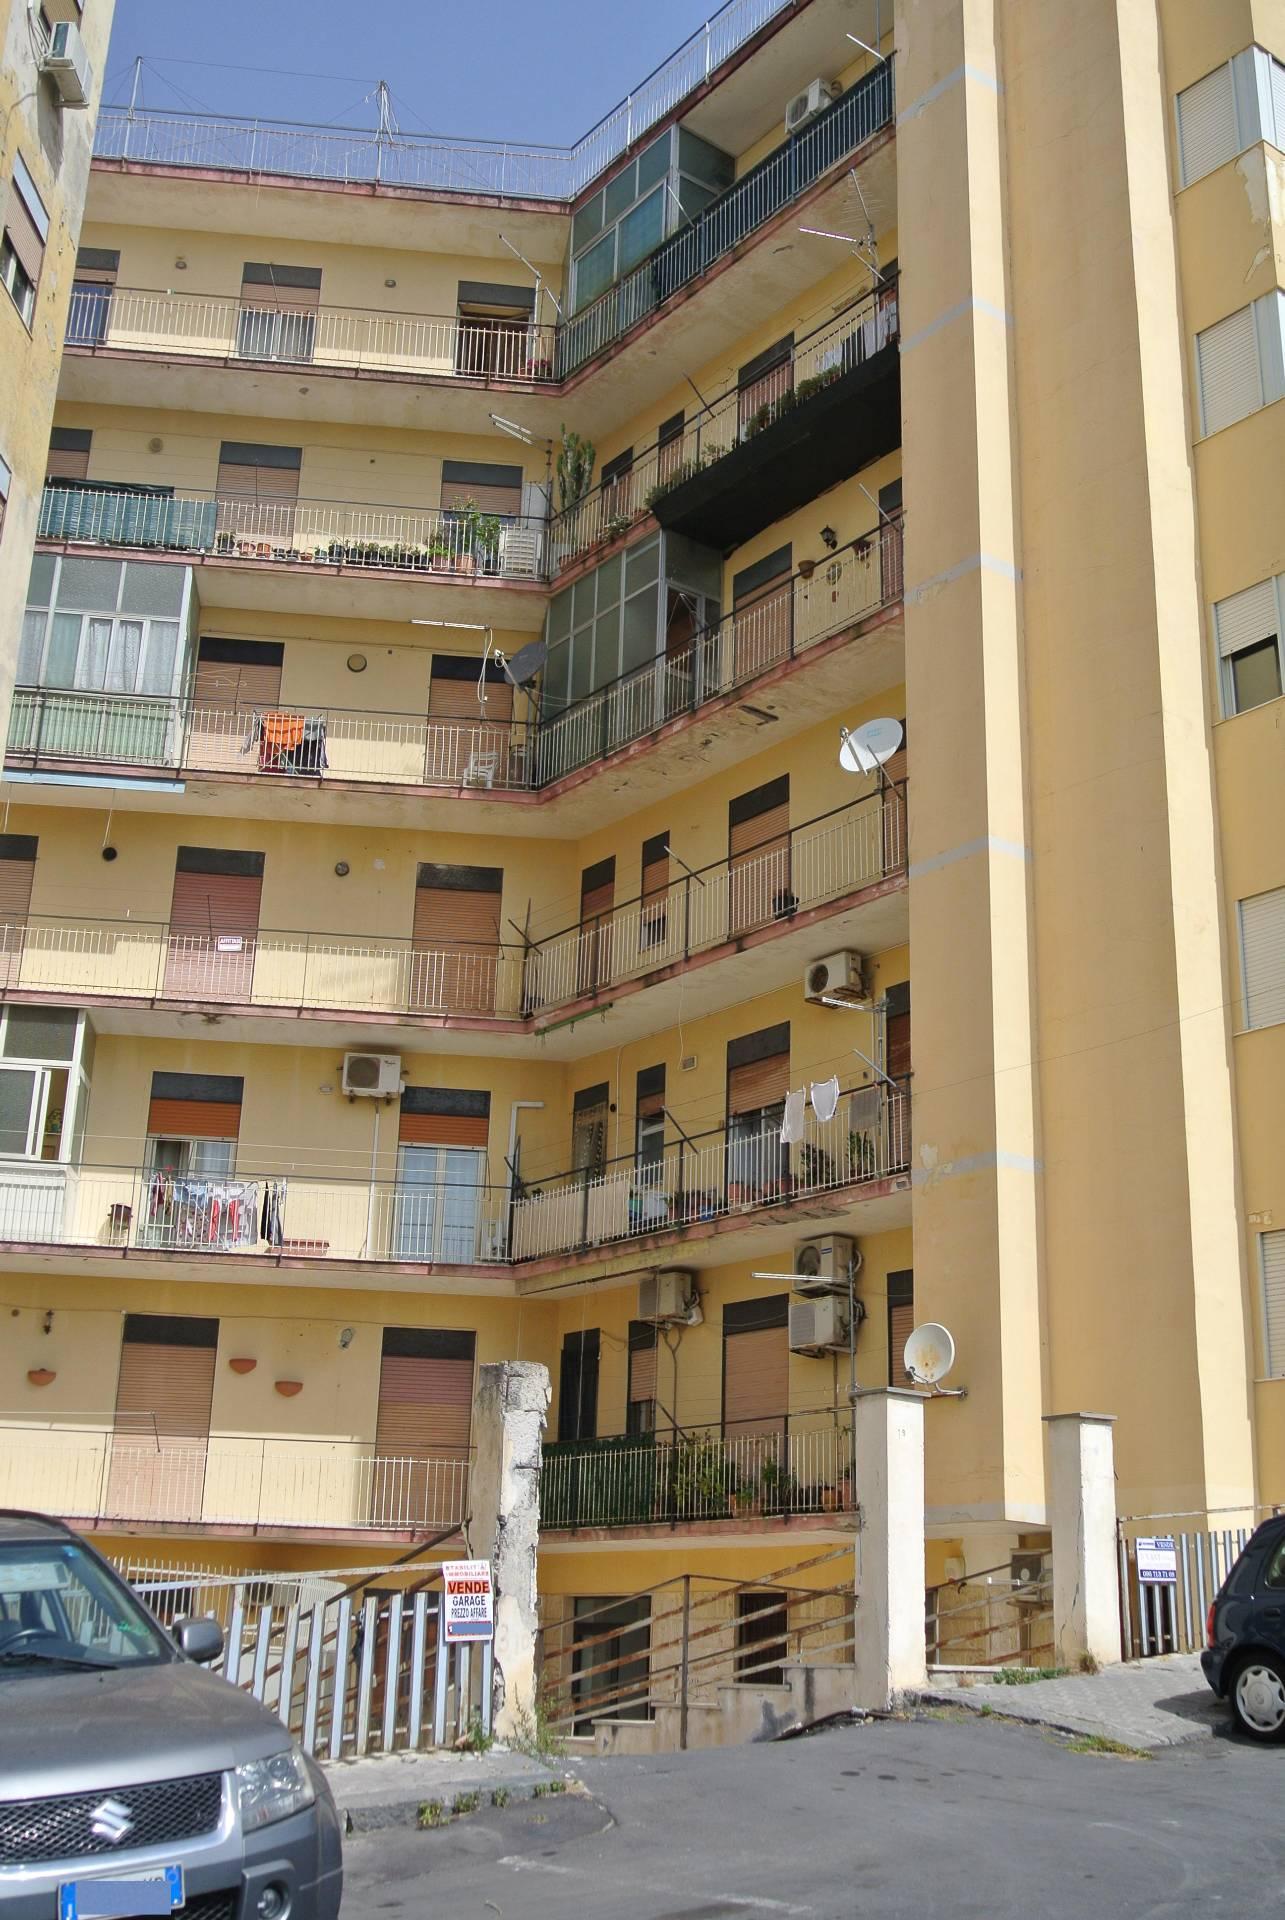 Appartamento in vendita a Valverde, 3 locali, zona Località: carminello, prezzo € 49.000 | Cambio Casa.it